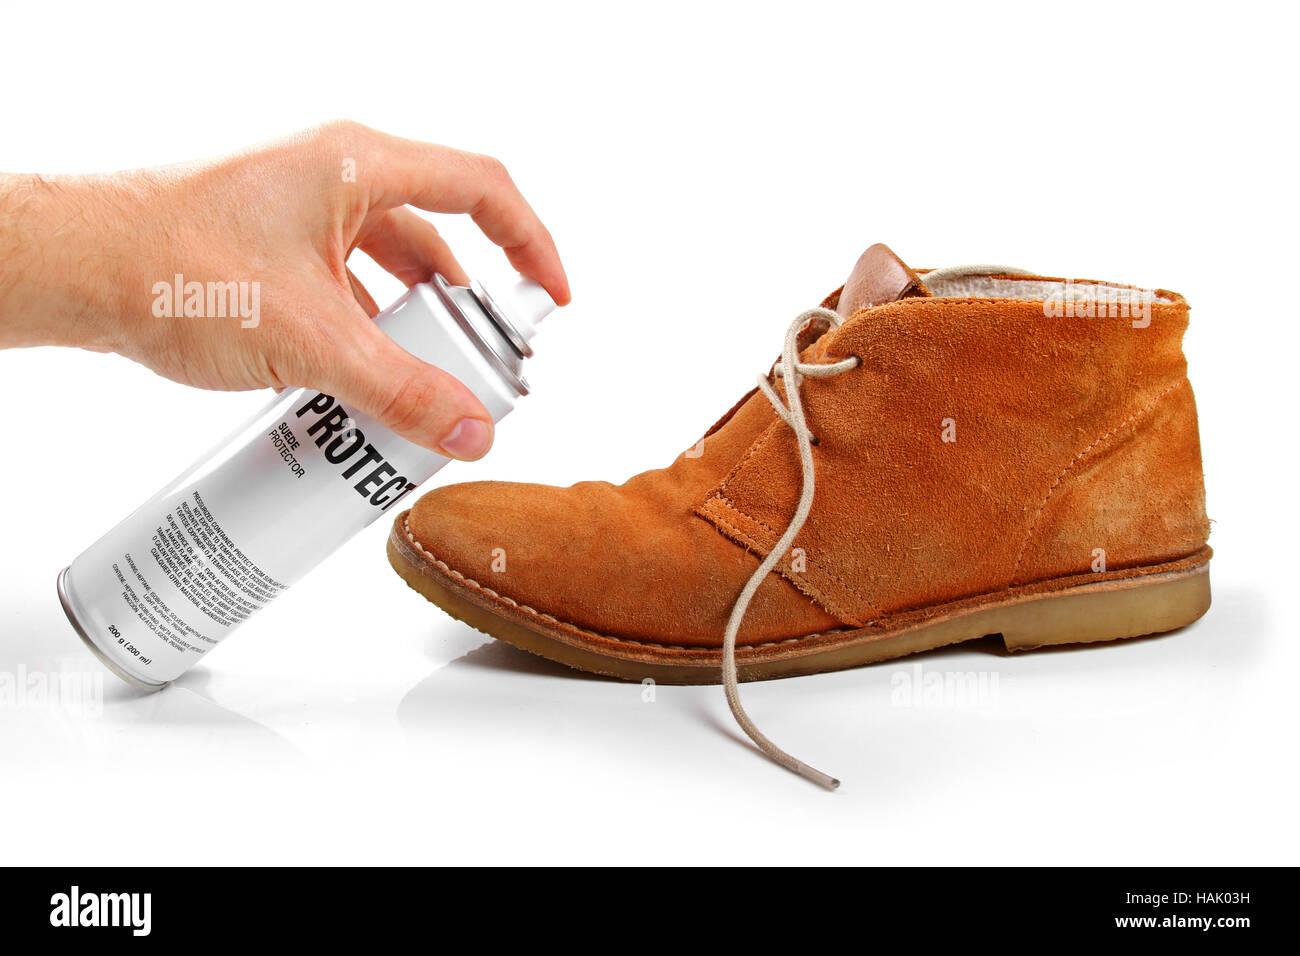 Herren Wildleder Schuh Schutz mit spray Stockbild